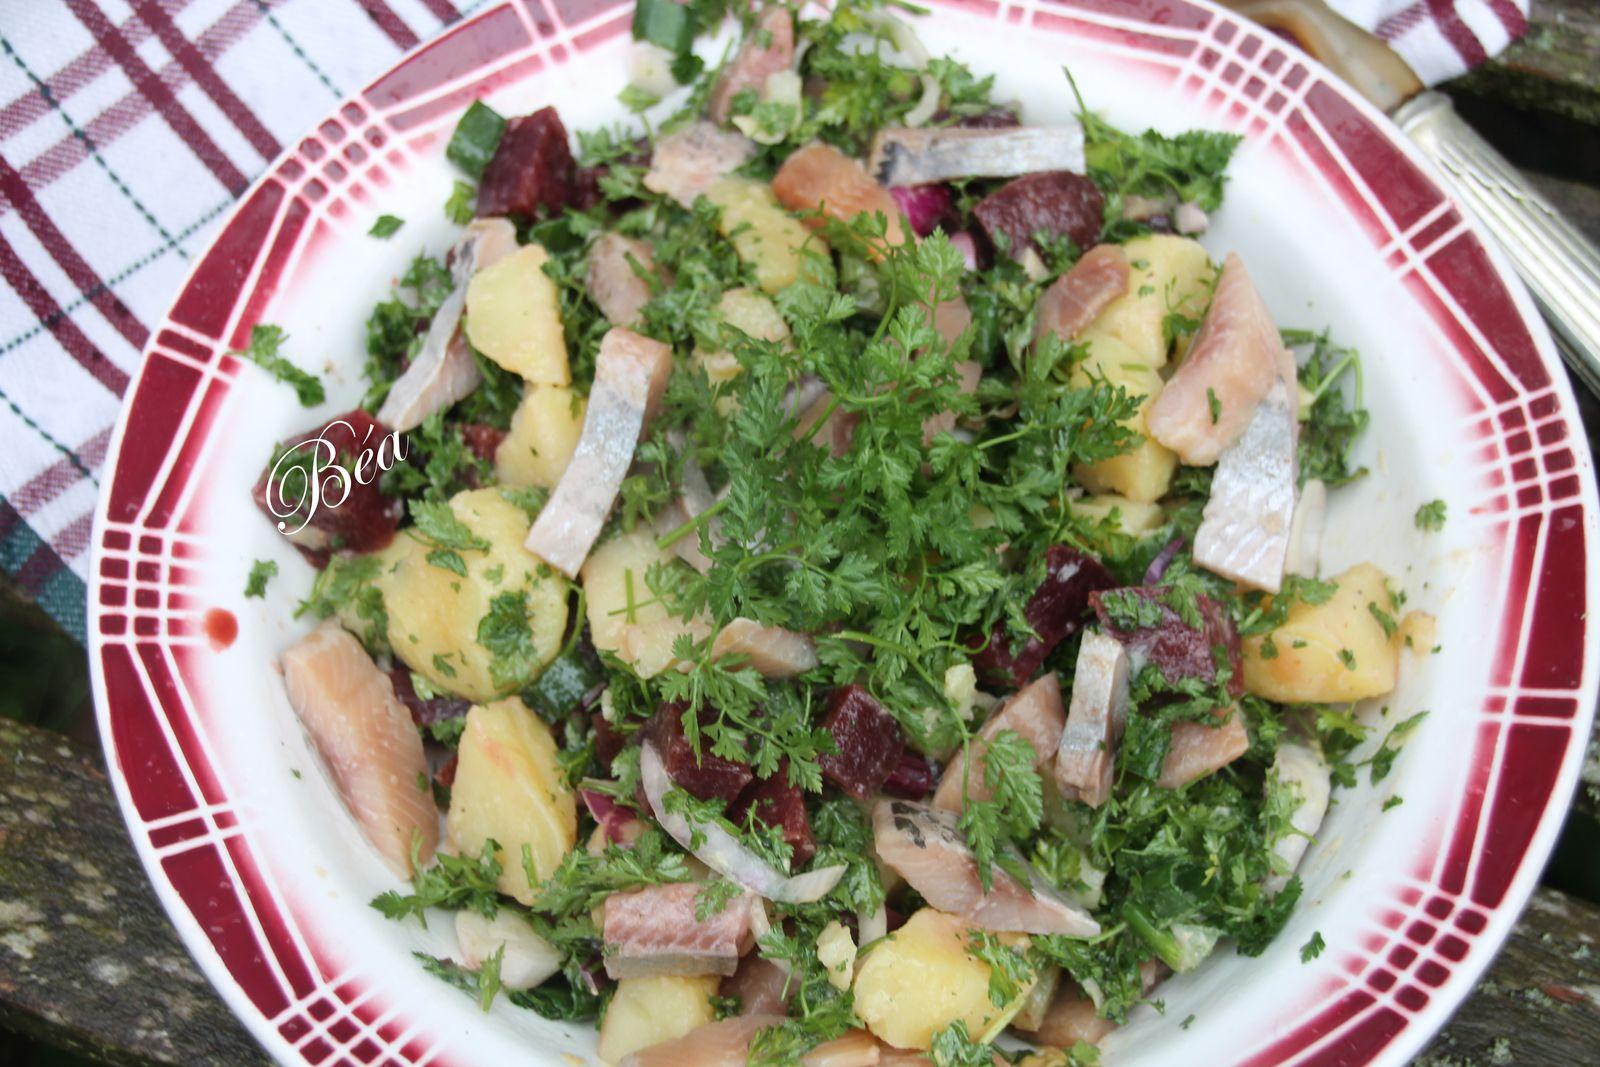 Salade de pommes de terre harengs fumés au cerfeuil